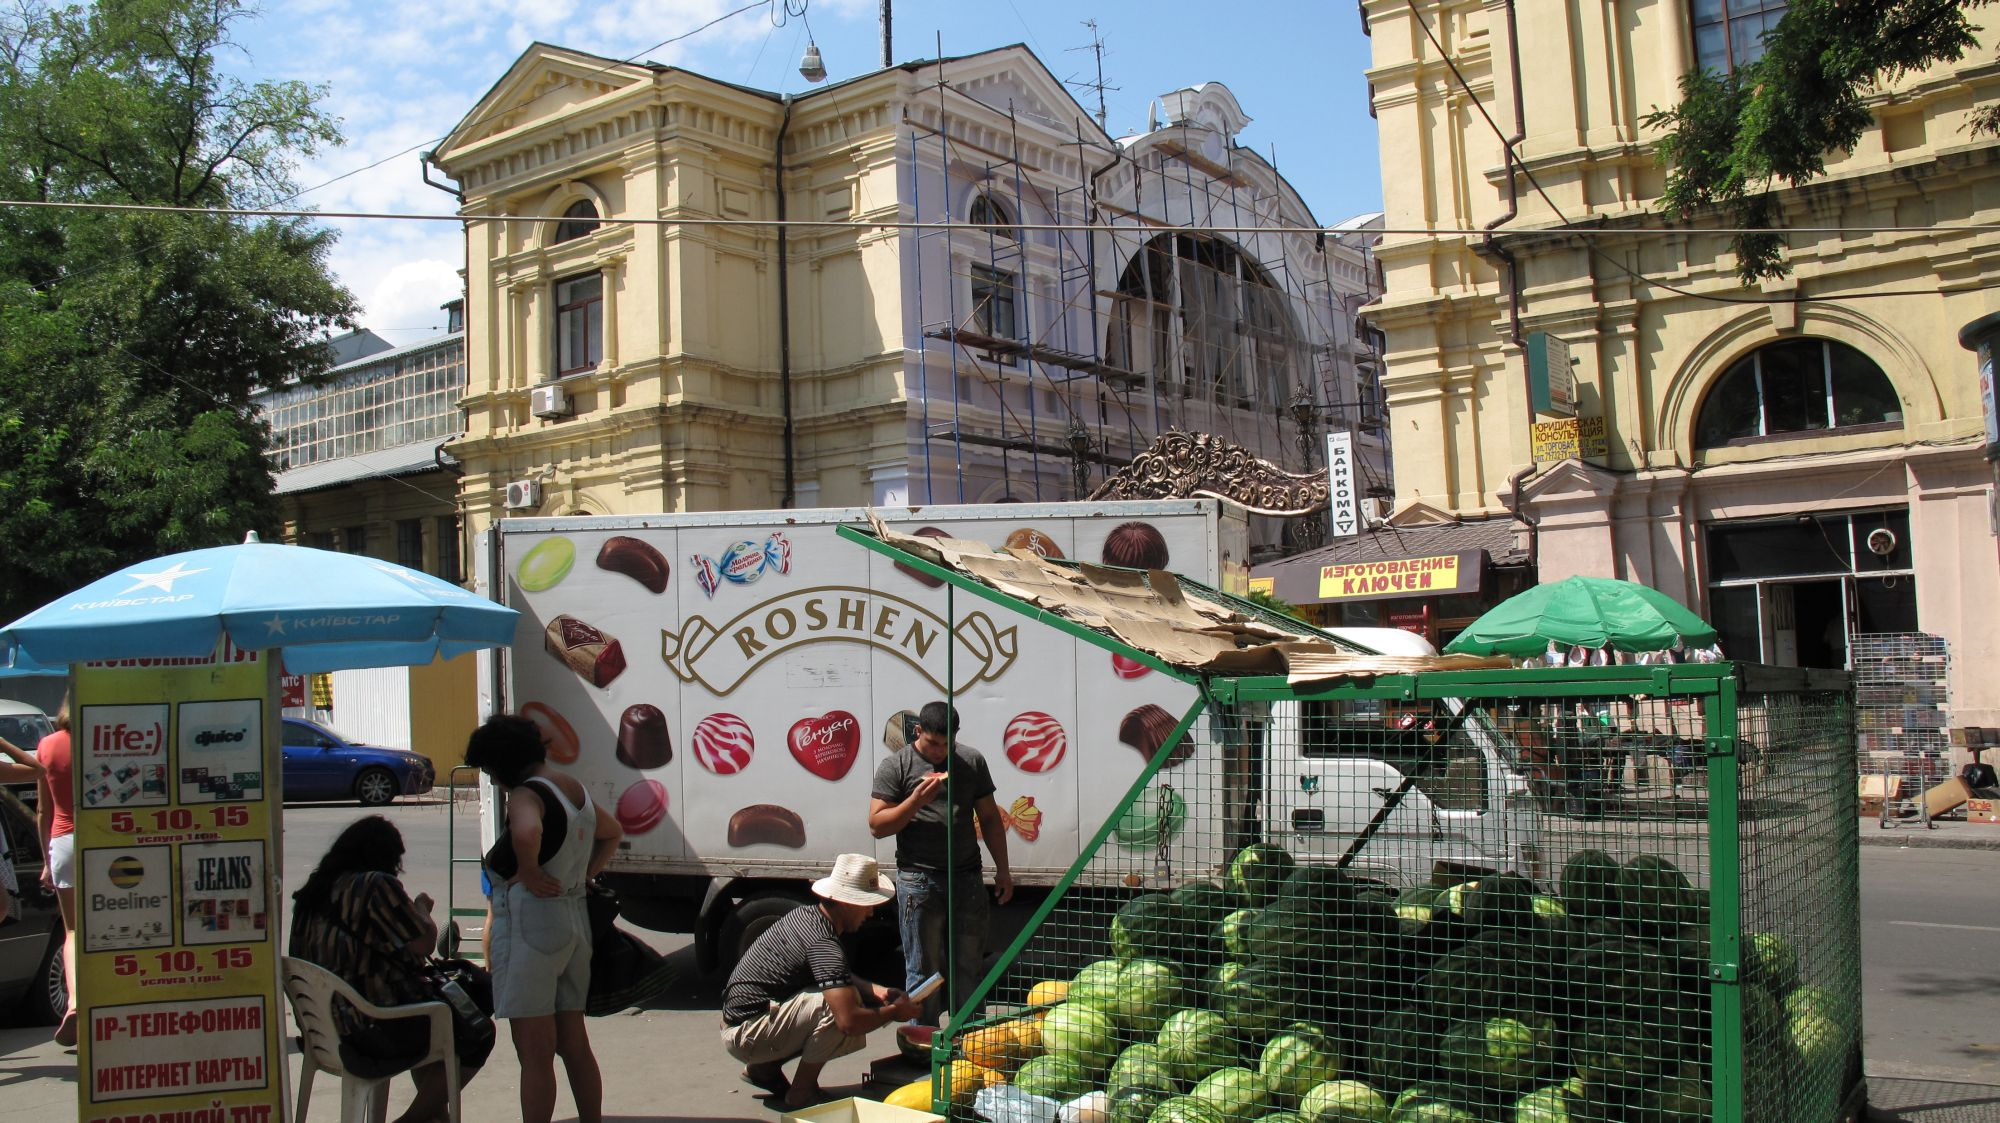 odessa-markt-sommer09.jpg